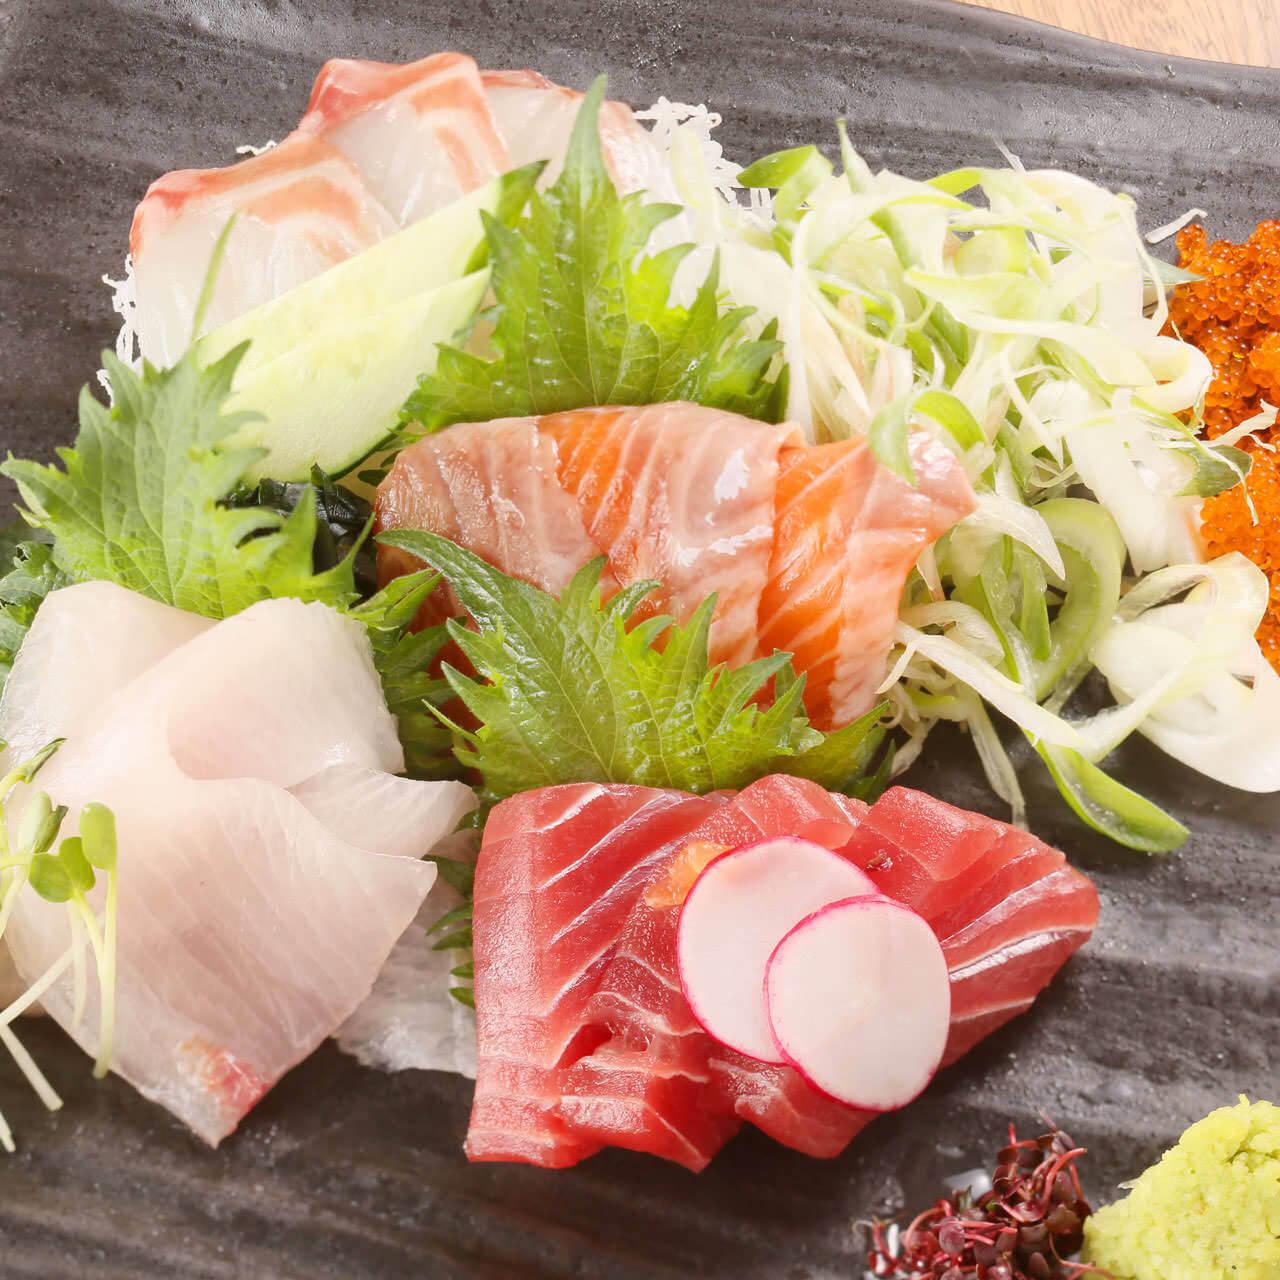 桶盛り鮮魚3種盛り合わせ